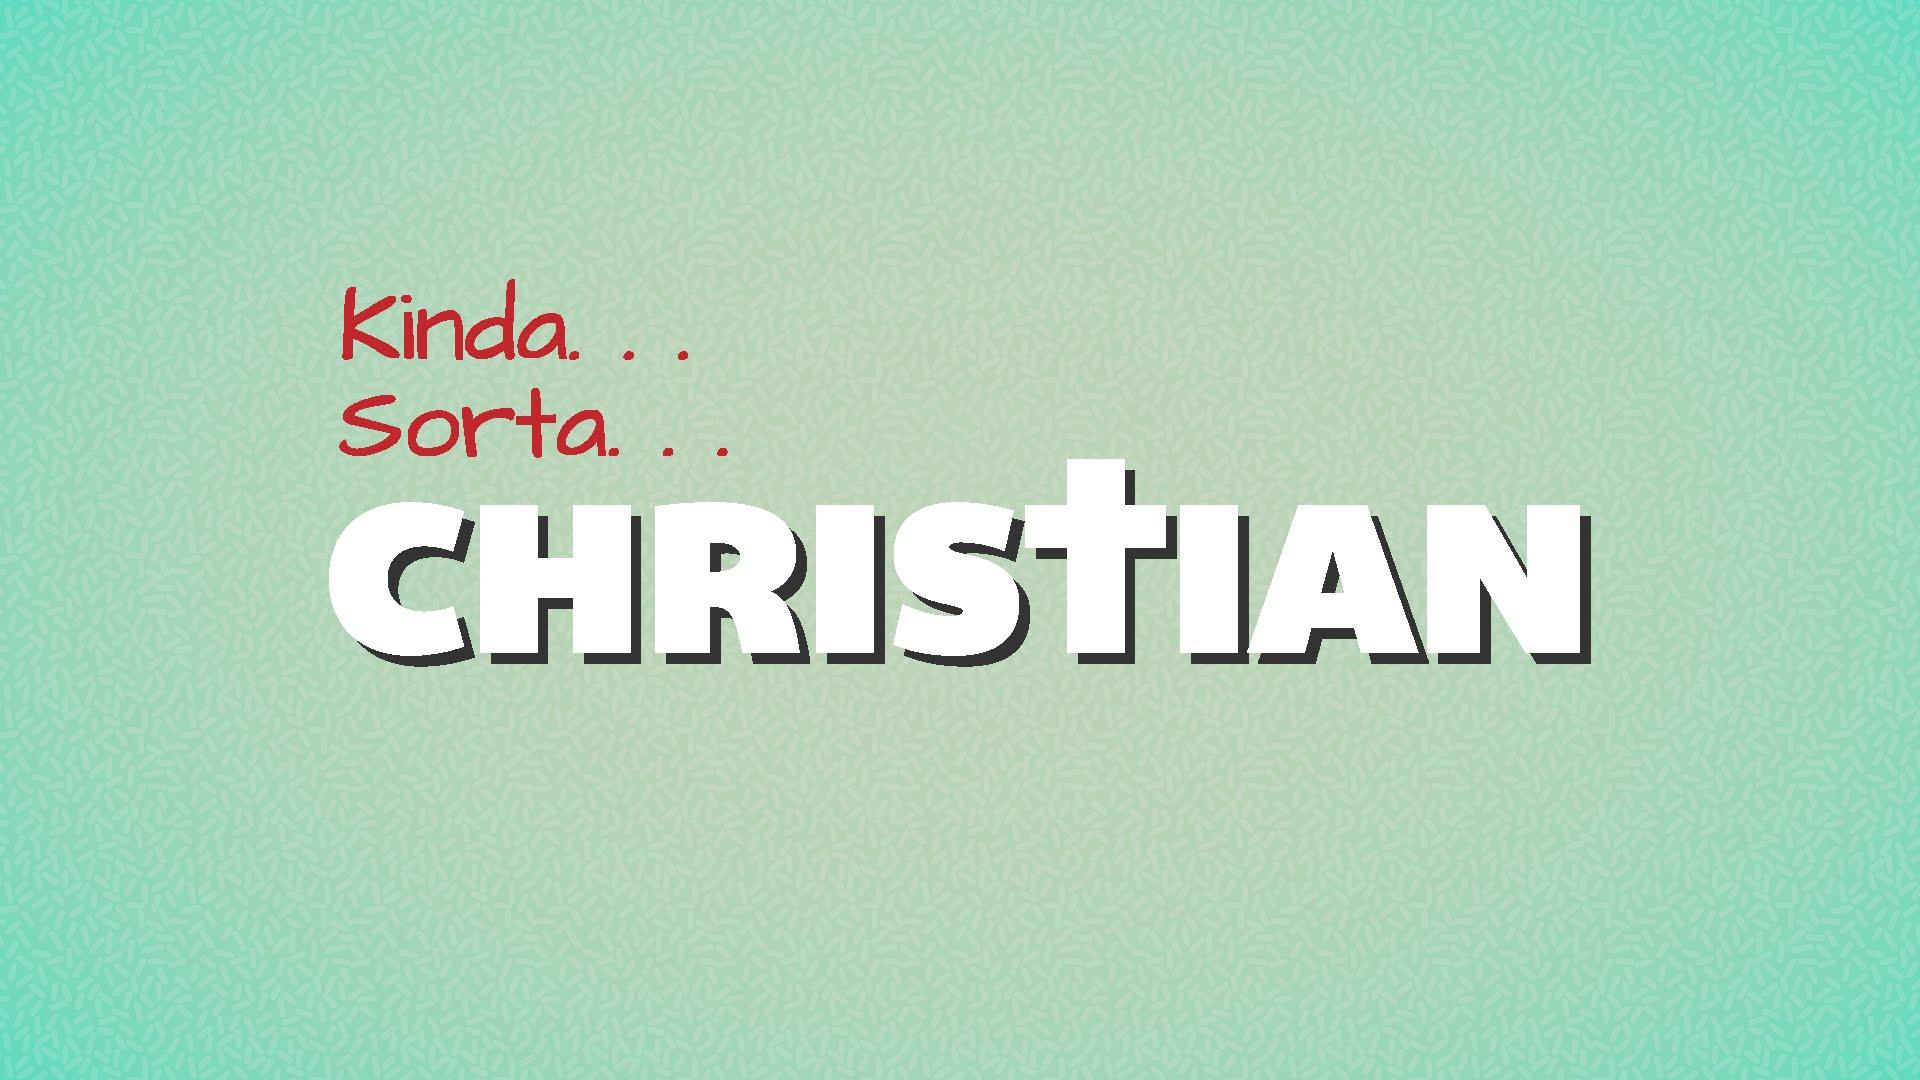 私はクリスチャンですが、私は外に出ない